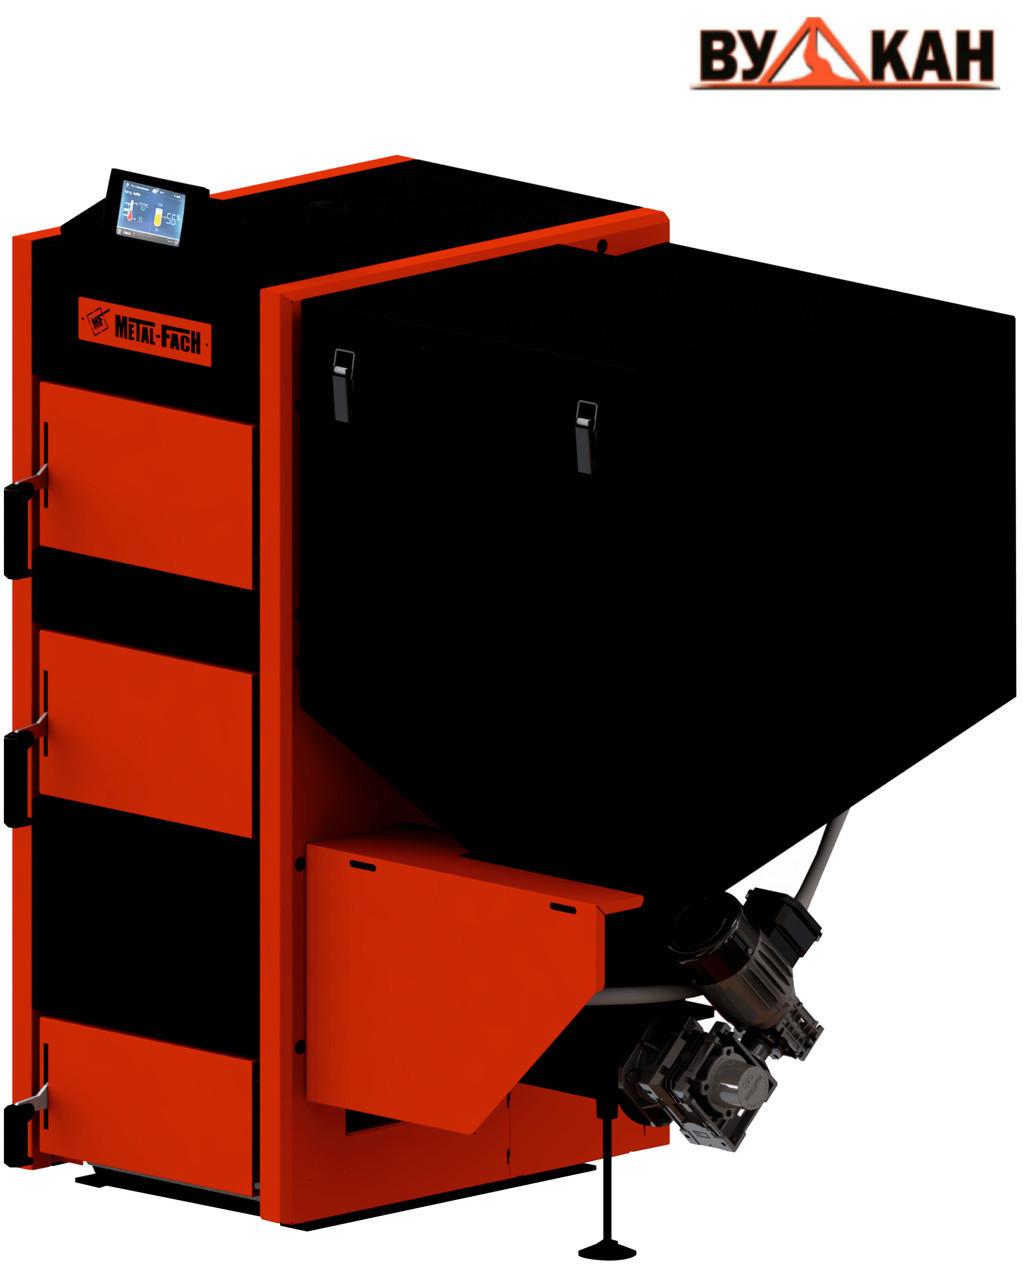 Автоматический котел Metal-Fach SEG 17 кВт с правой подачей